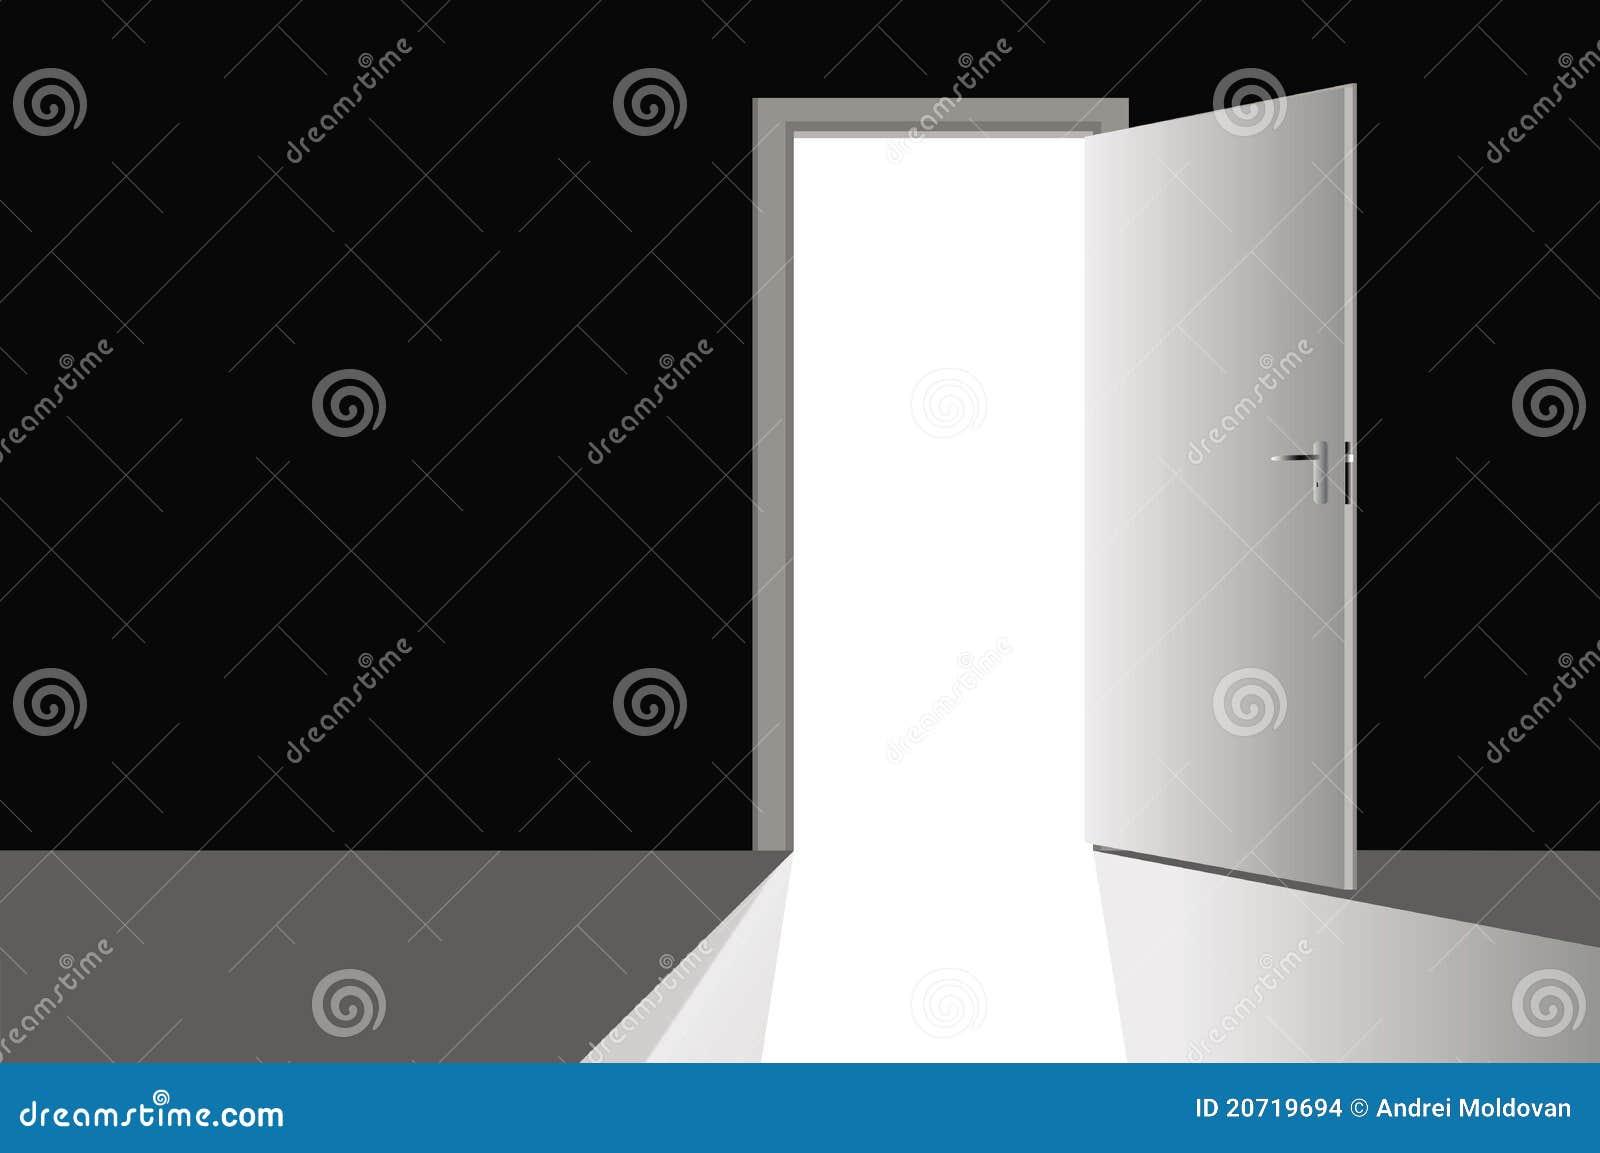 Open Door Clipart Open door Stock Images